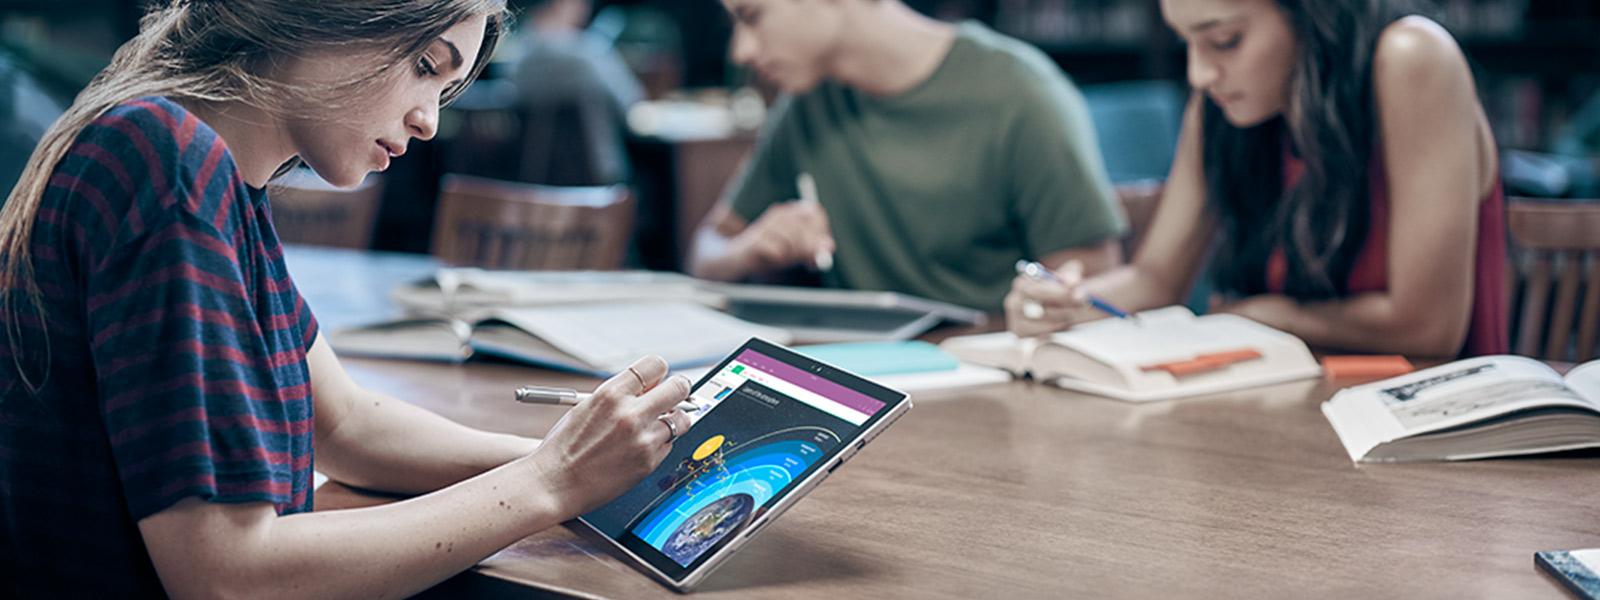 学生在图书馆使用 Surface Pro 4。